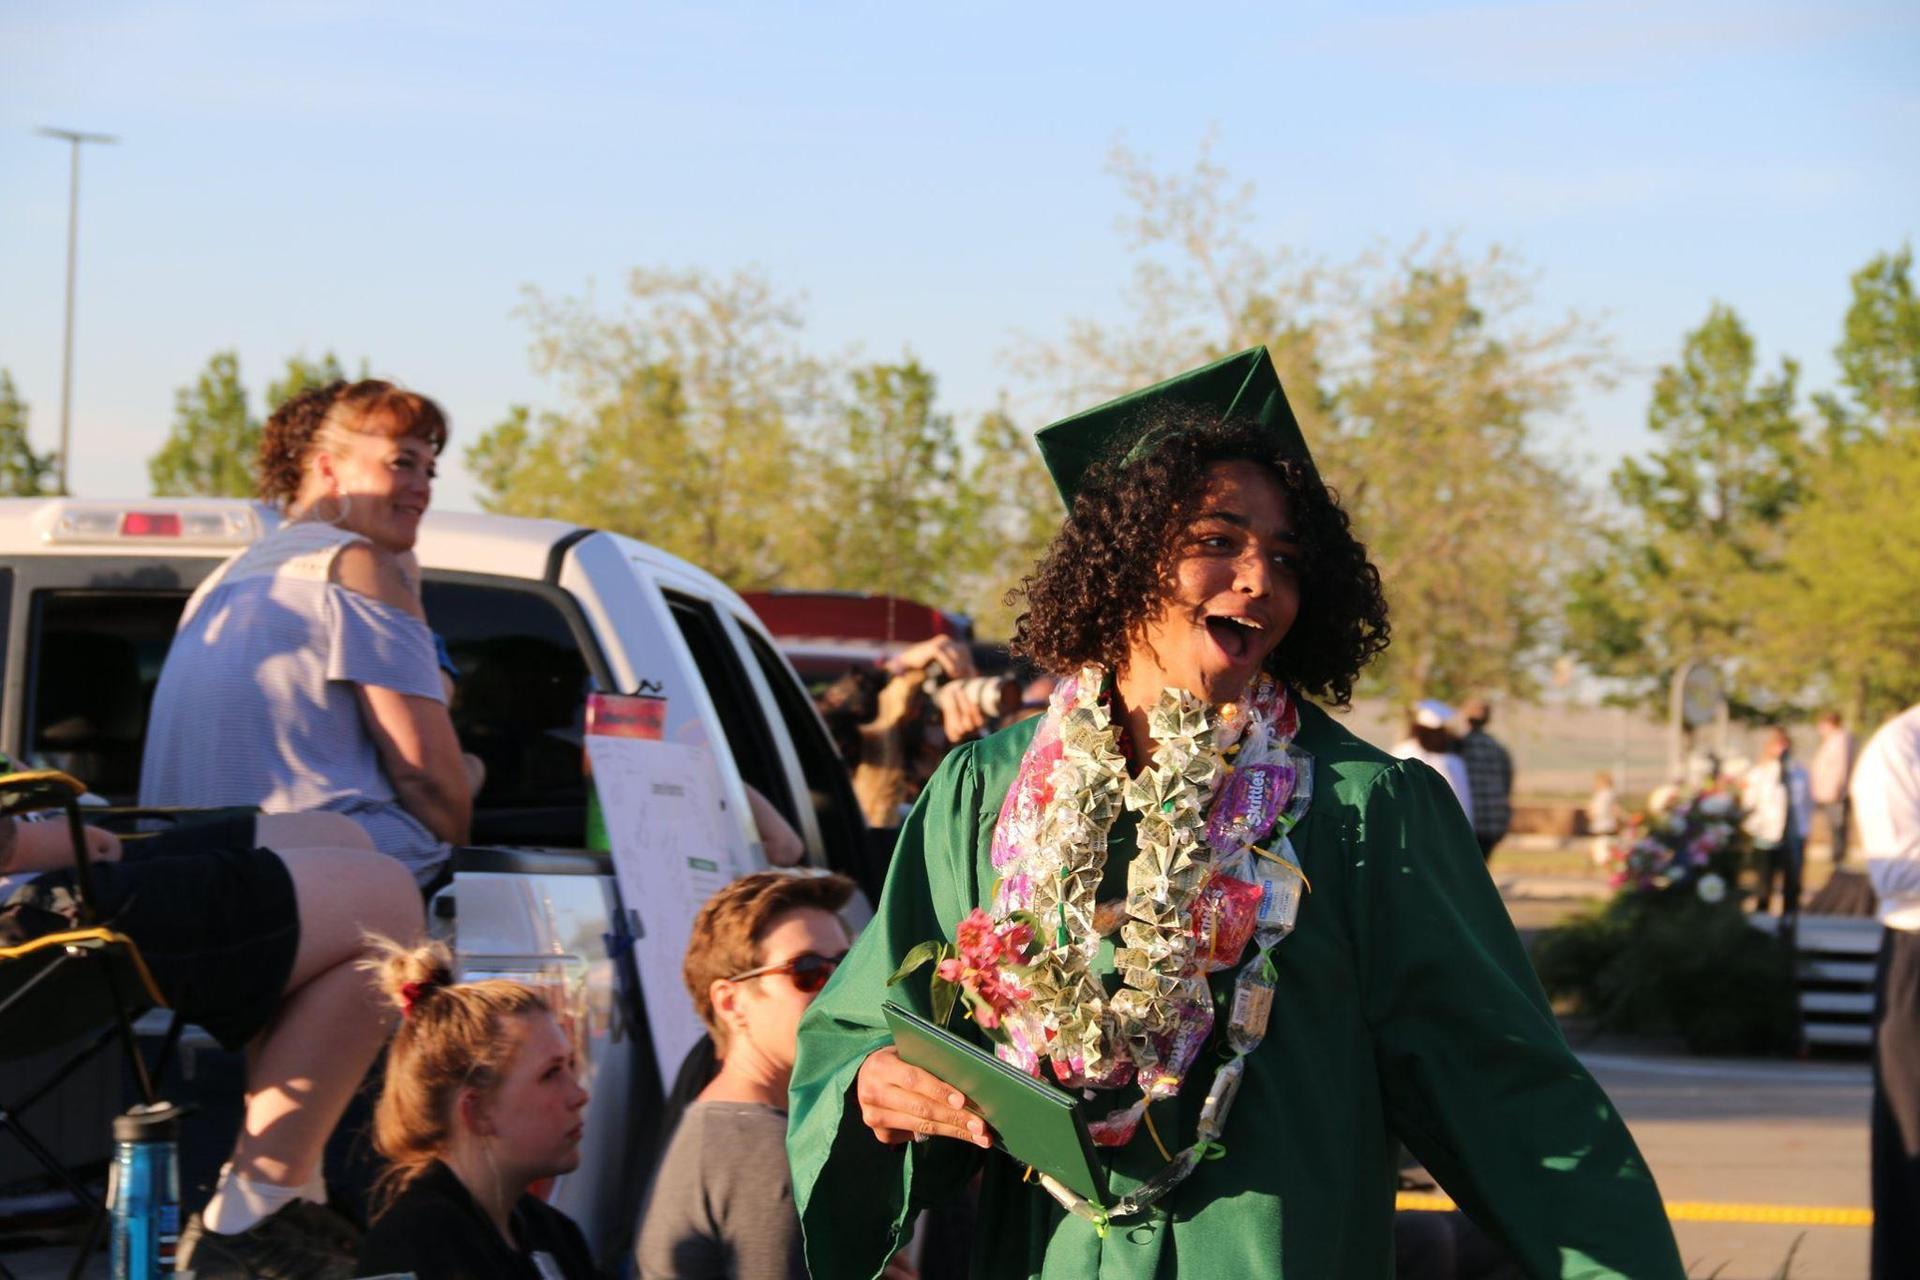 Boy walking at High School Graduation